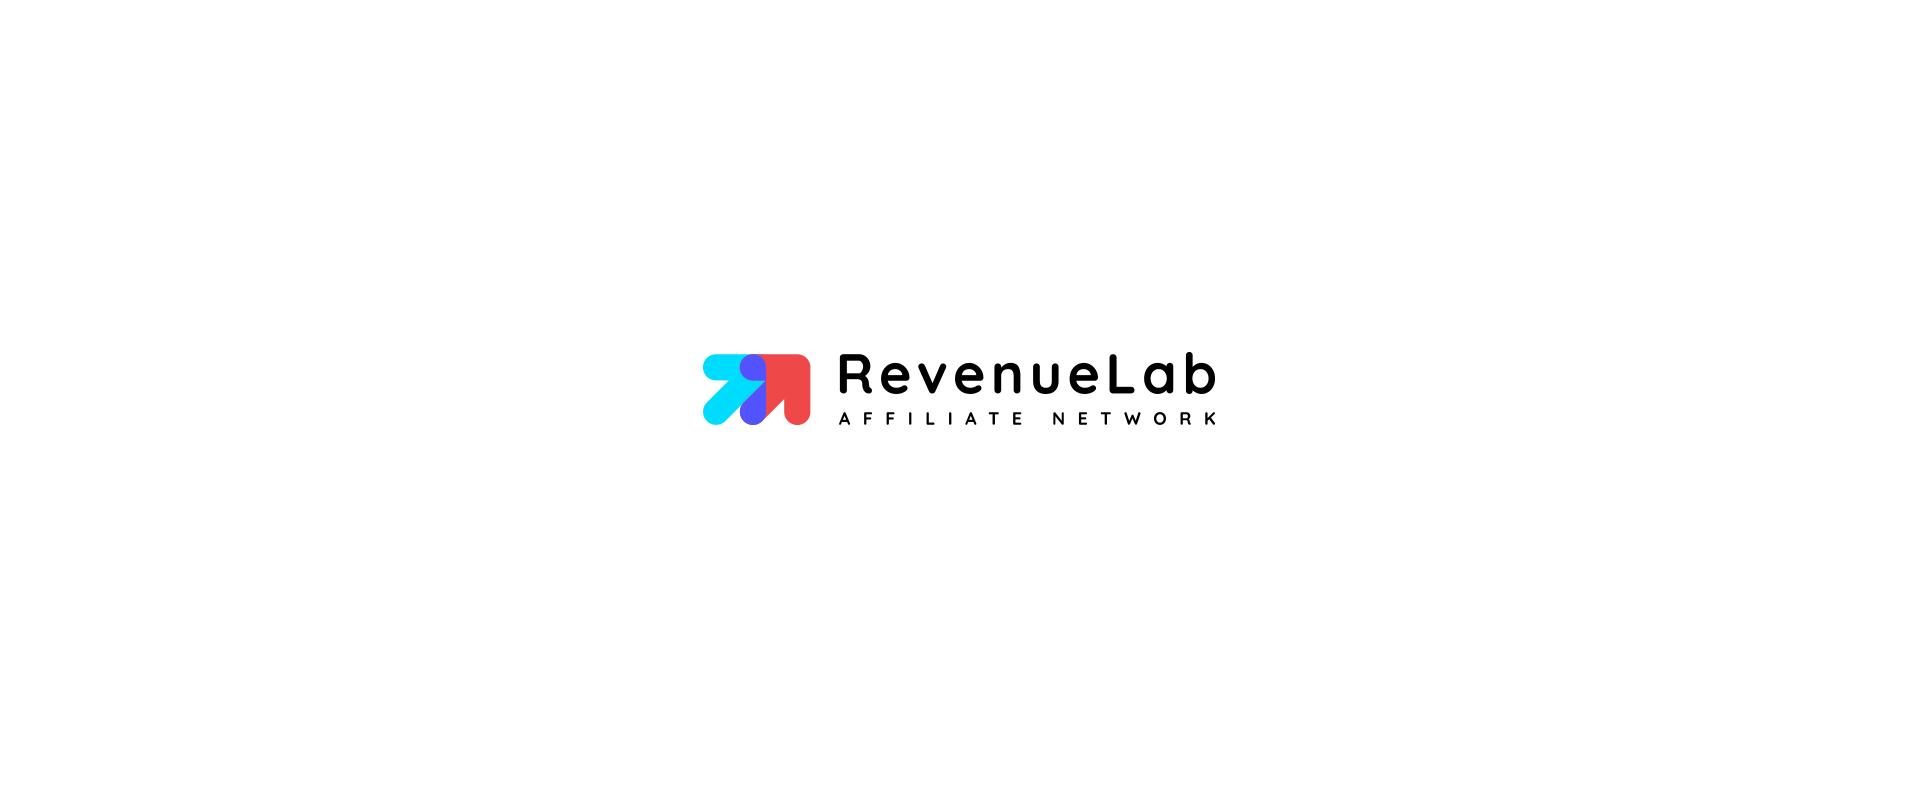 Разработка логотипа для iGaming сервиса Revenue Lab